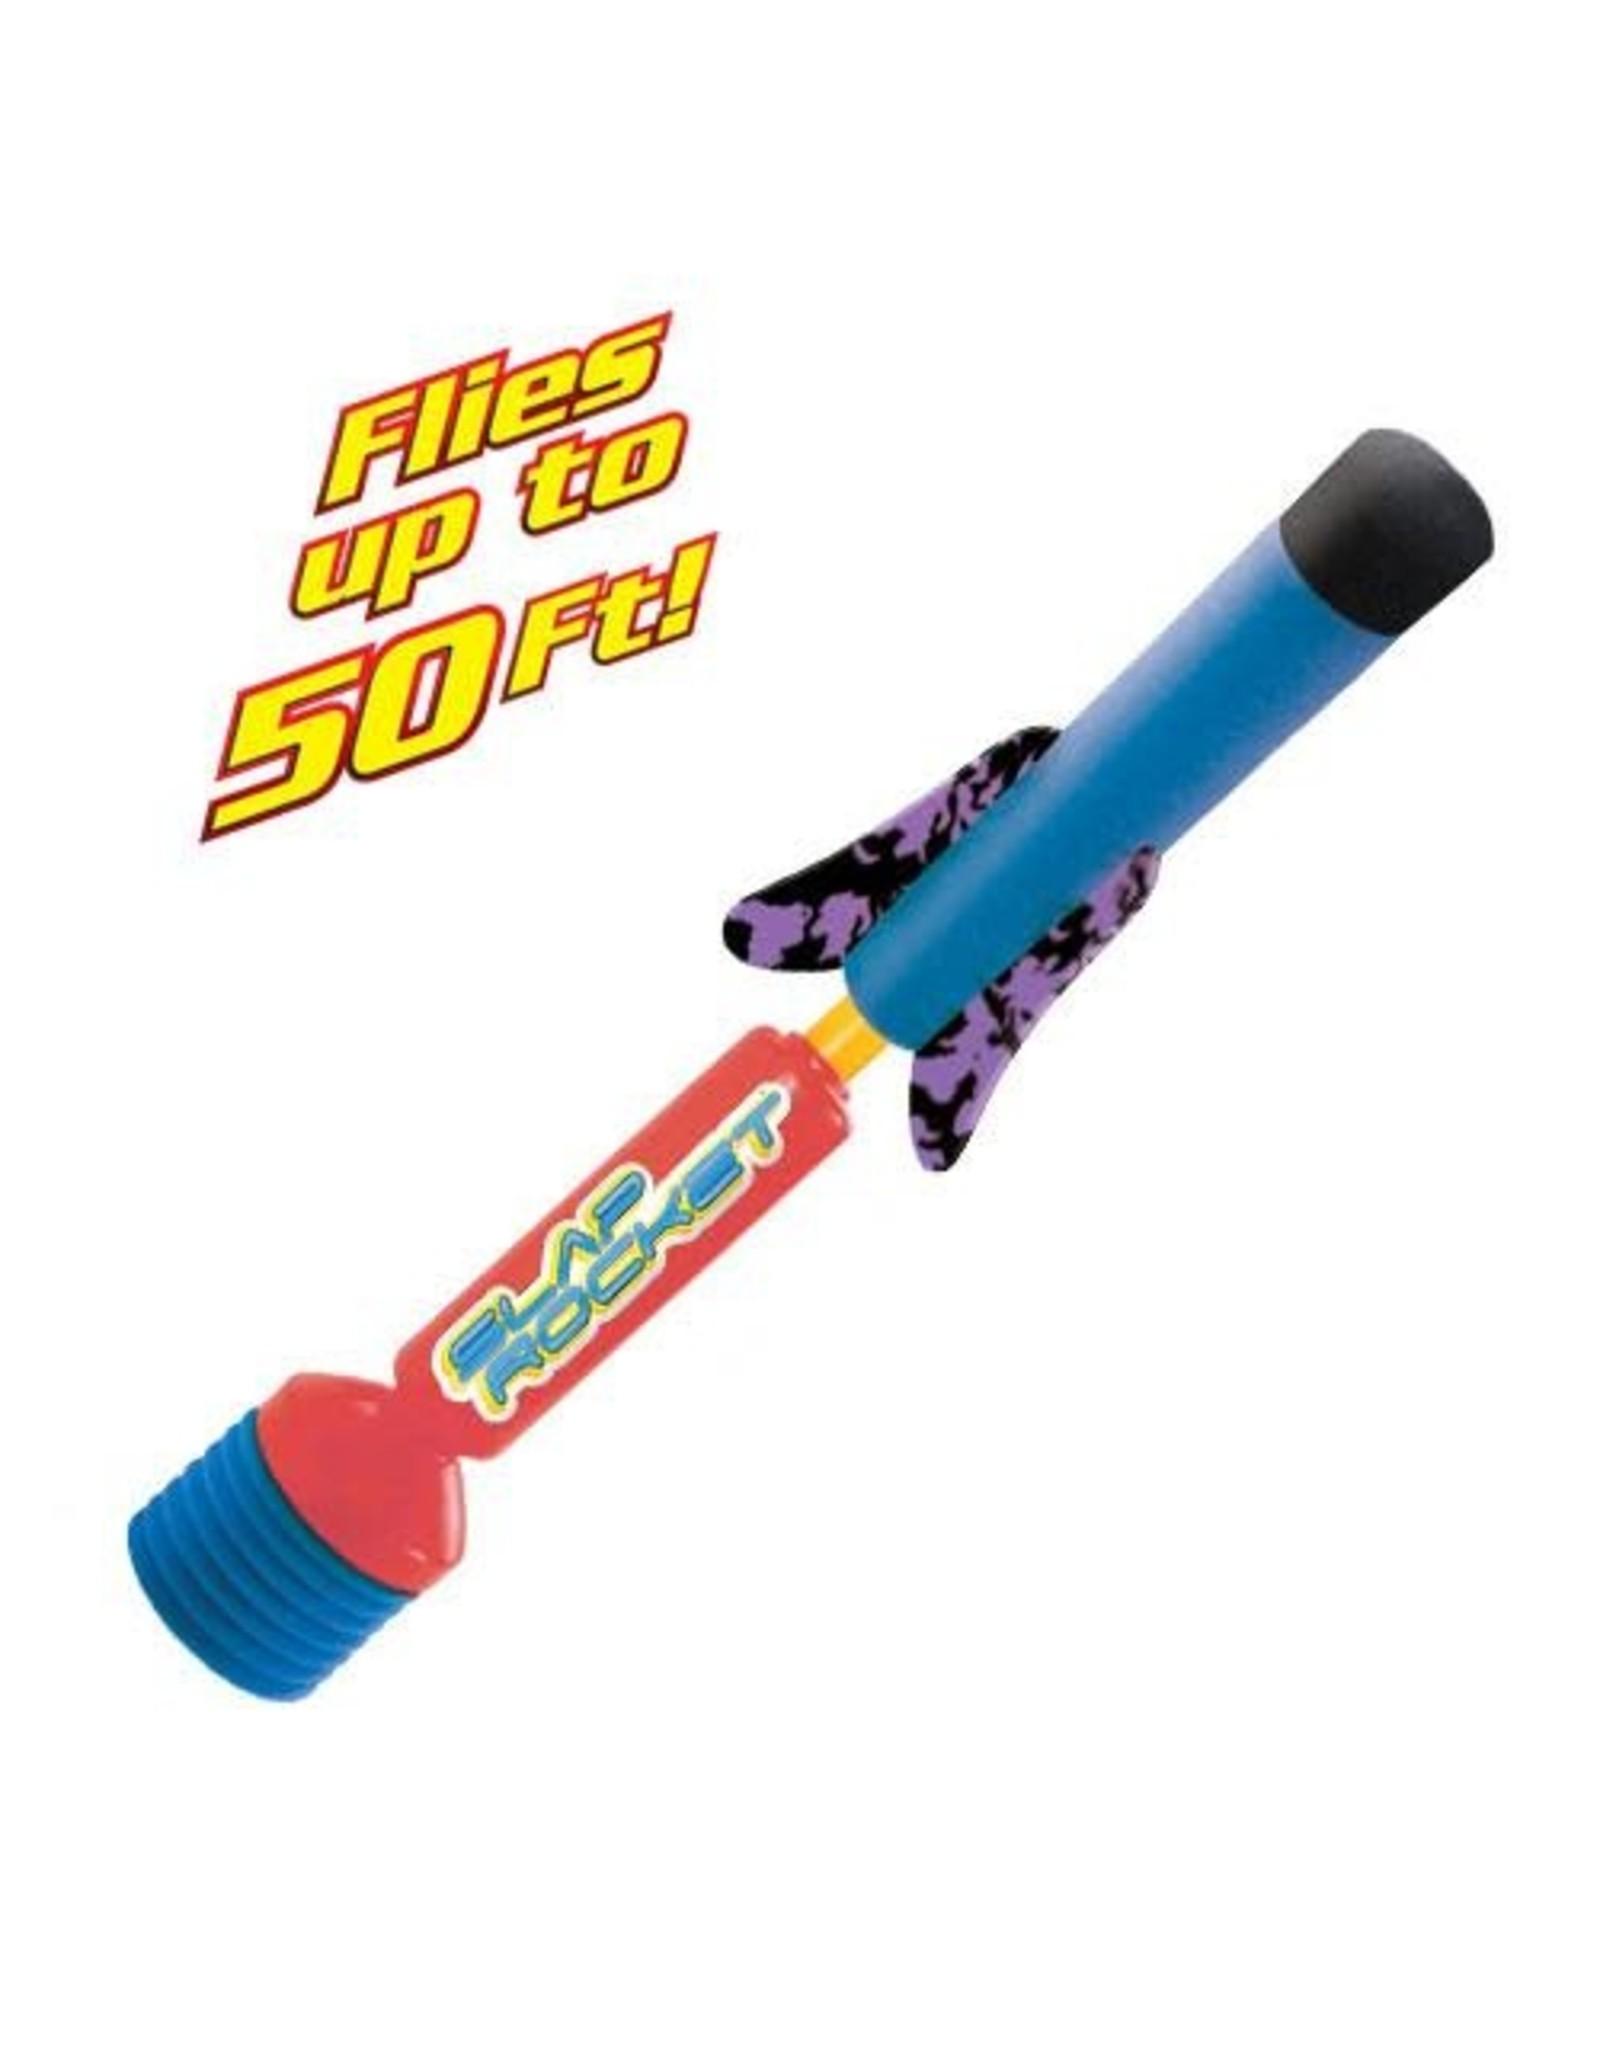 Geospace Slap Rocket